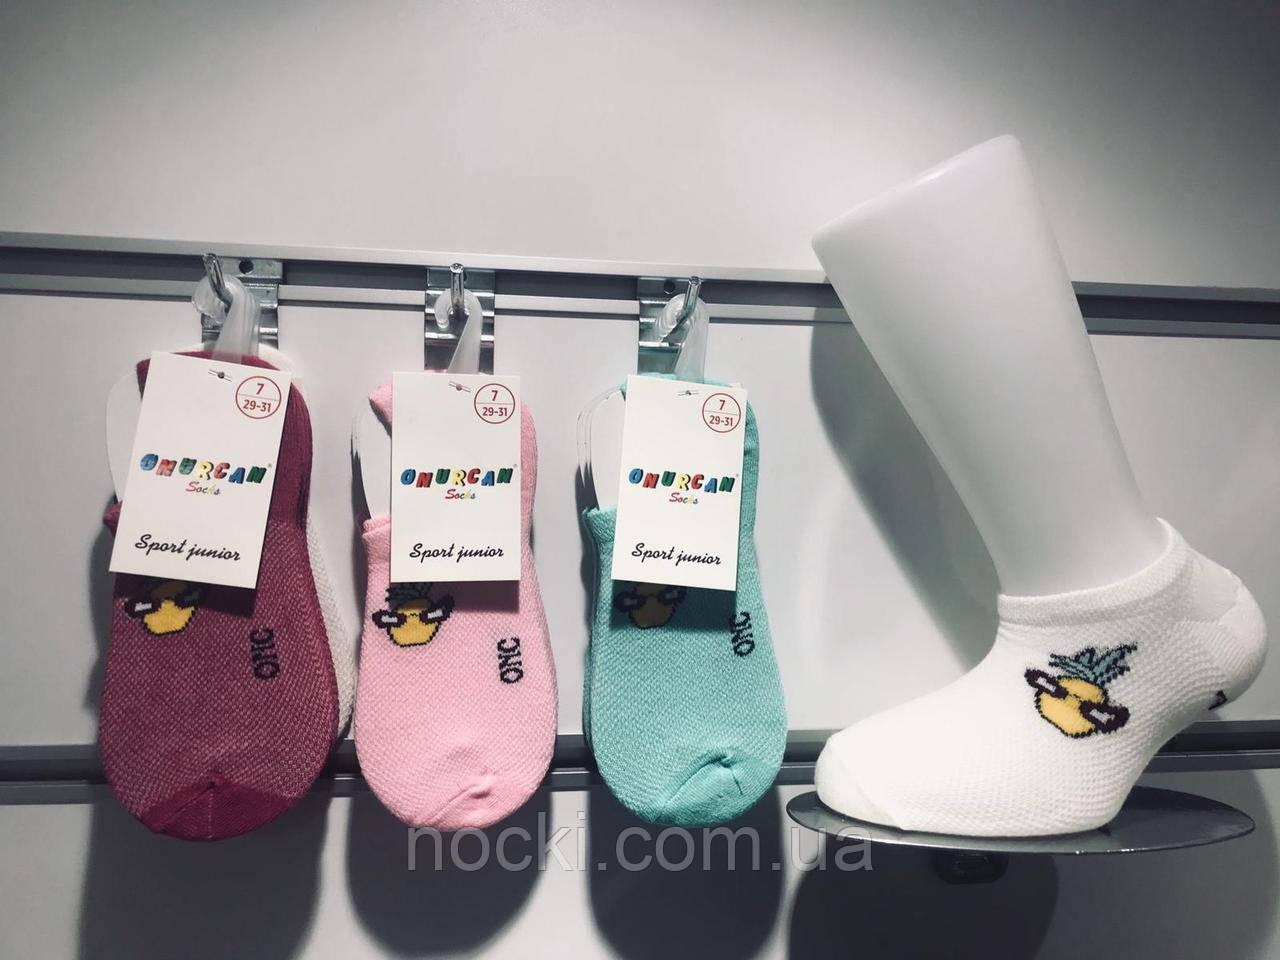 Дитячі шкарпетки стрейчеві комп'ютерні у сіточку Onurcan б/р 11 0125